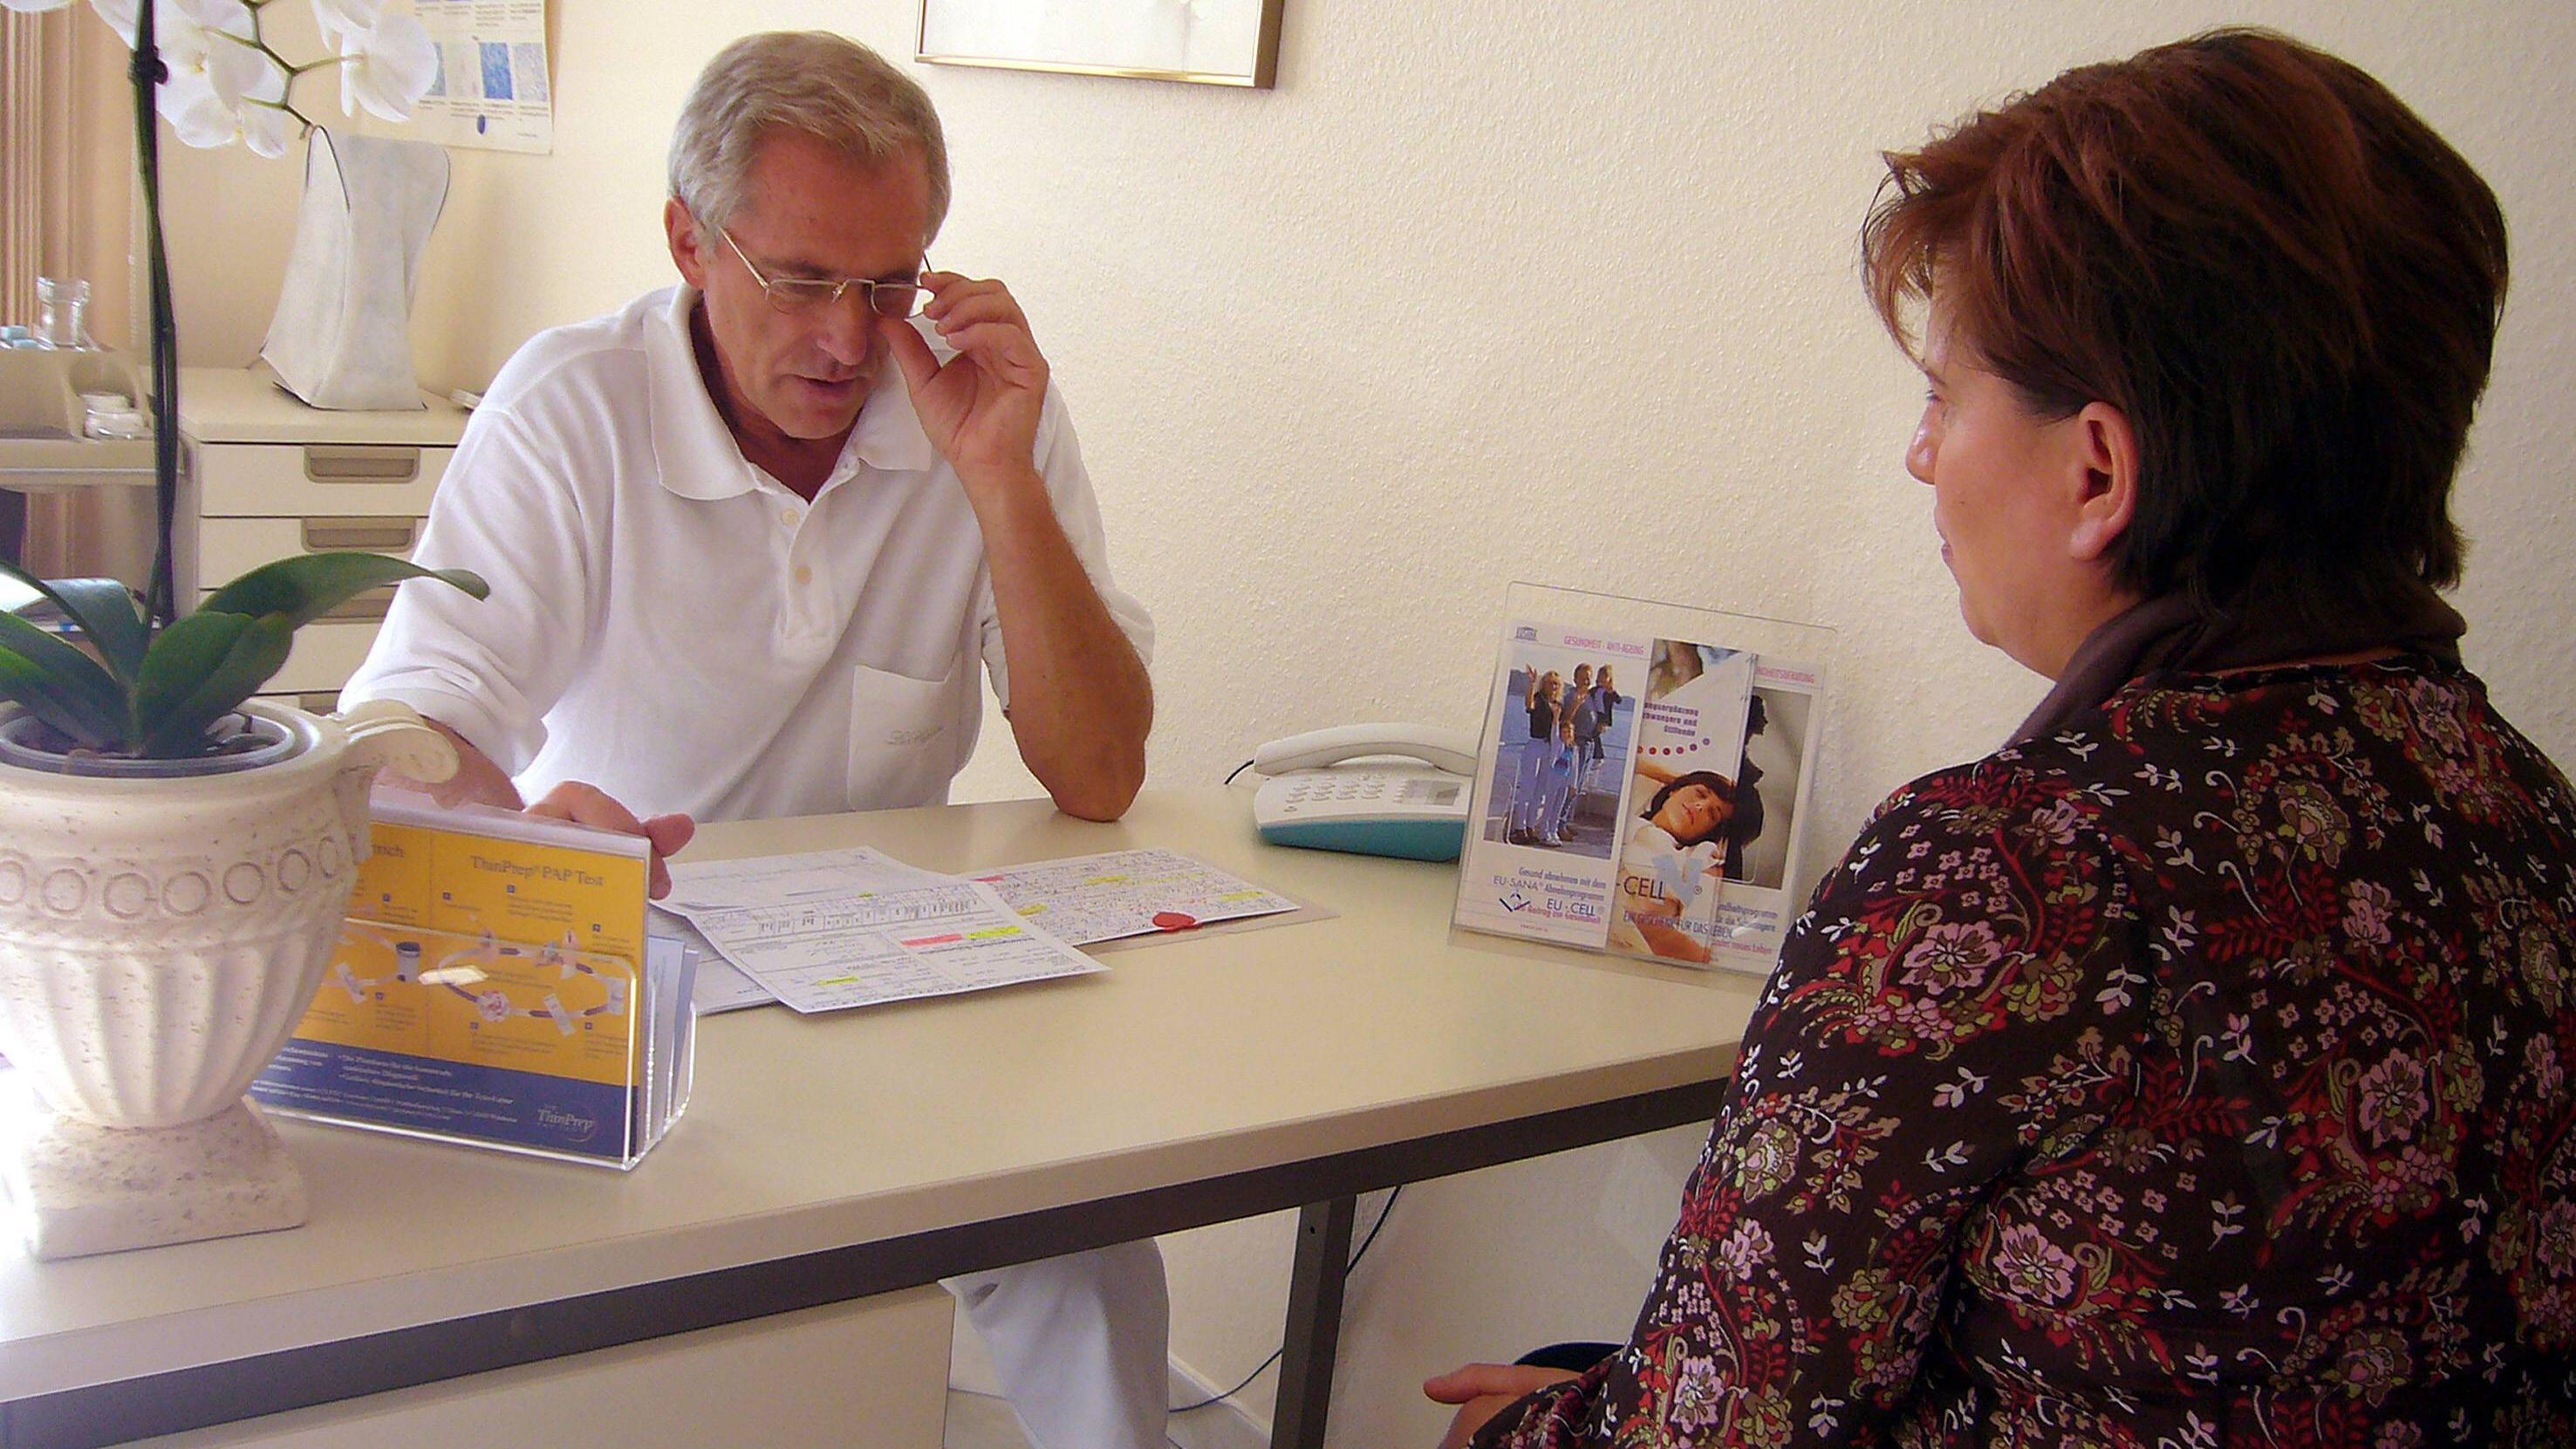 Bei Erbrechen und starken Begleitsymptomen durch Stress sollten Sie den Hausarzt aufsuchen.